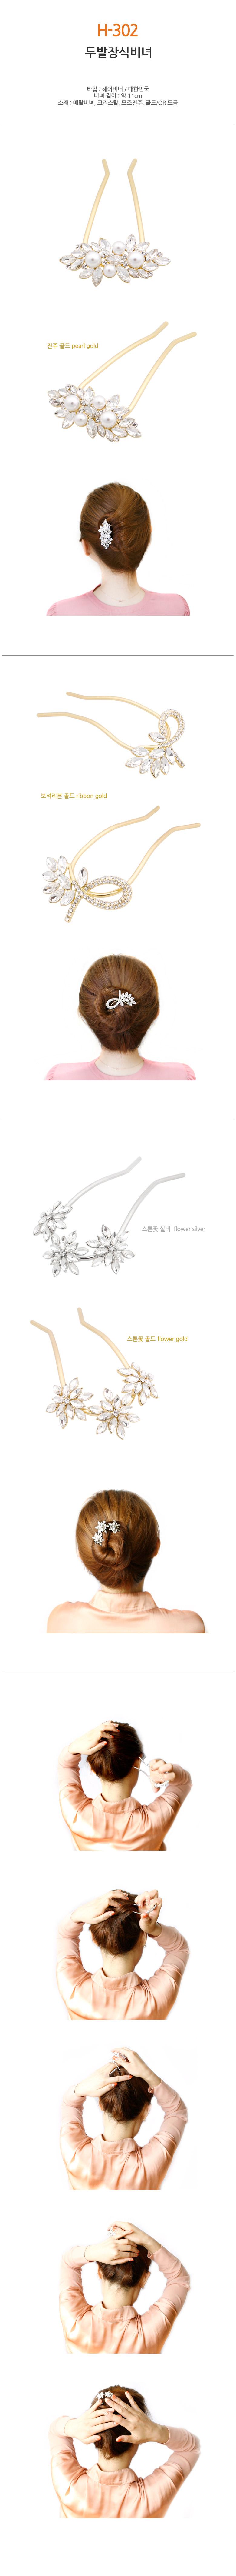 Cài tóc Hàn Quốc - CT941